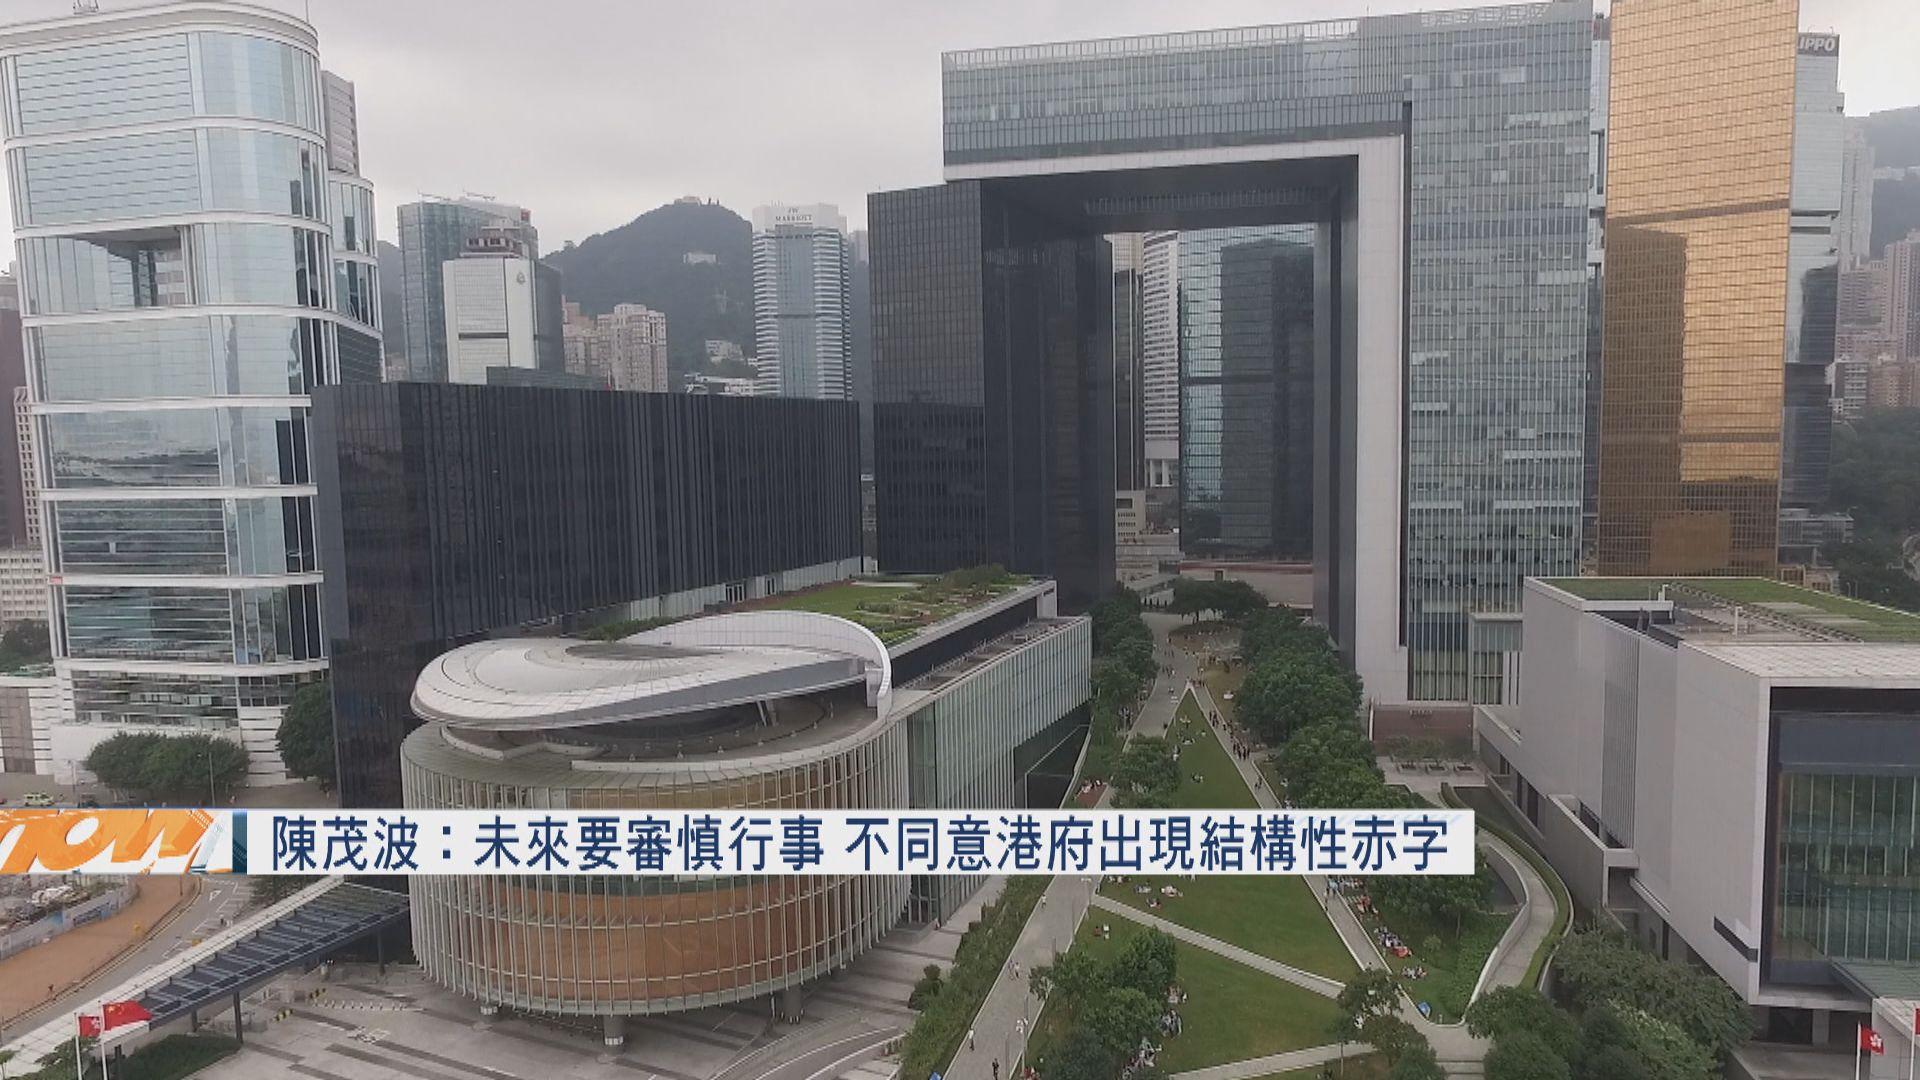 陳茂波:未來要審慎行事 不同意港府出現結構性赤字